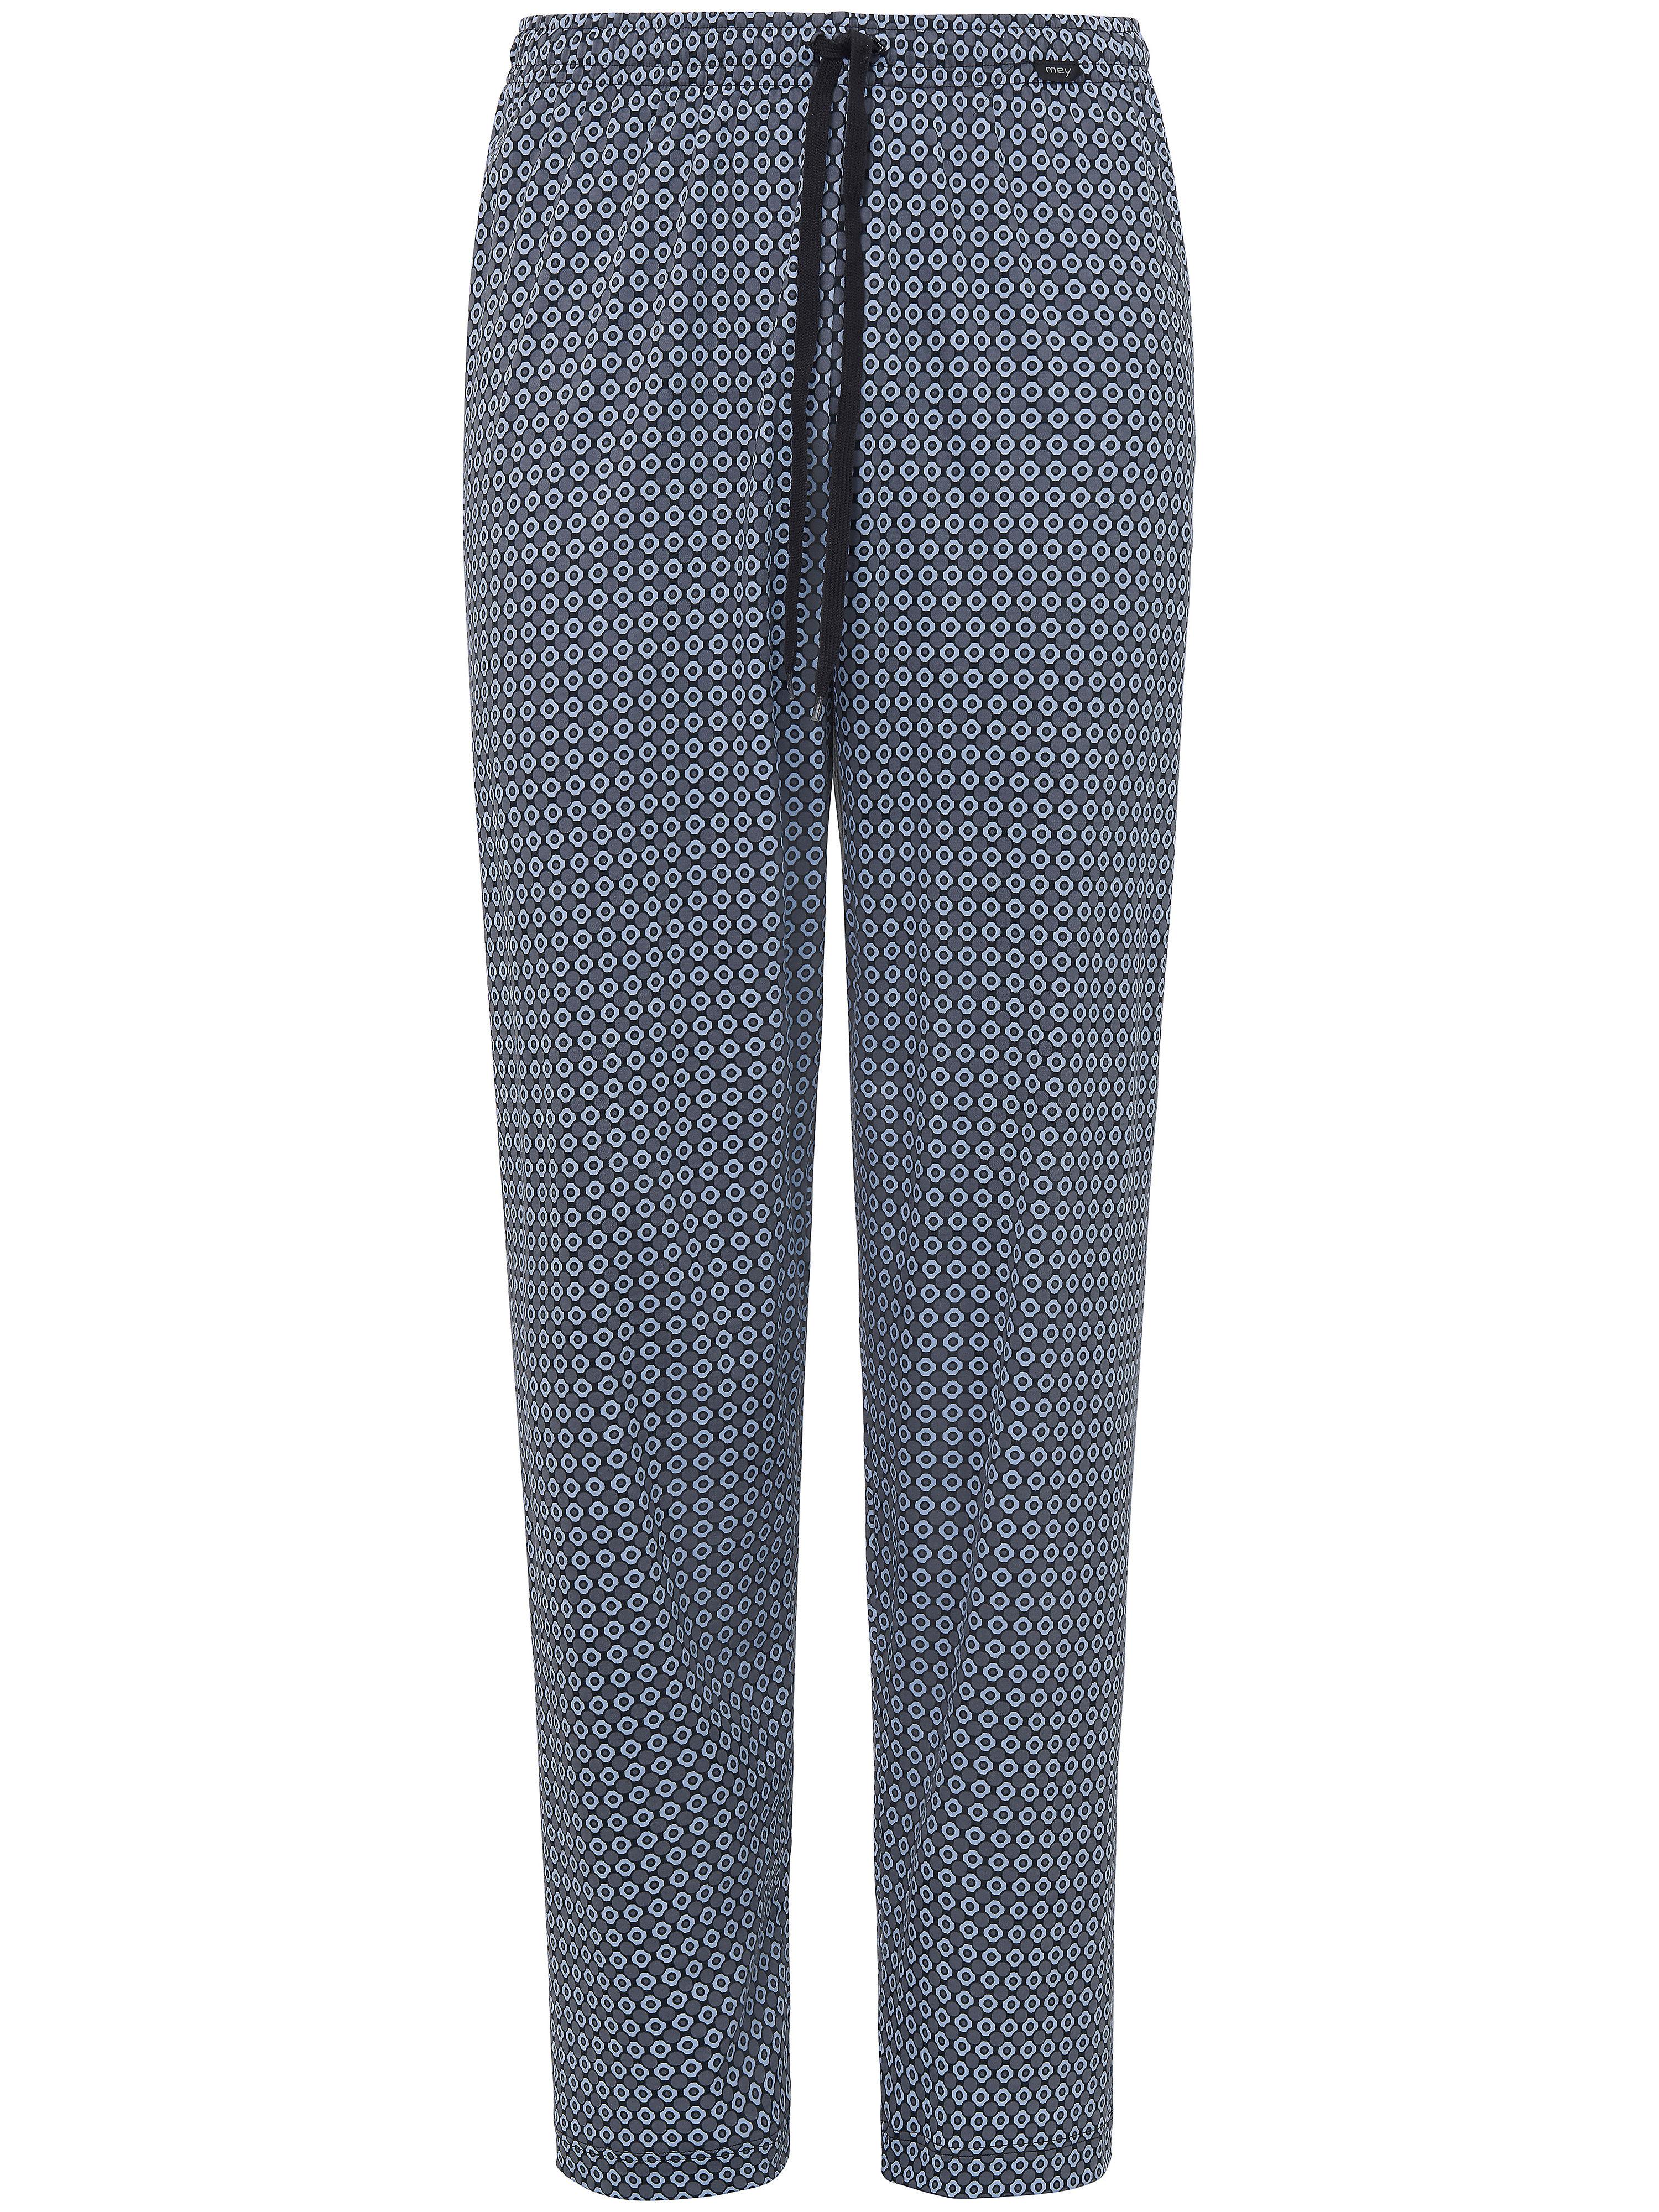 Pyjamabroek Van Mey grijs